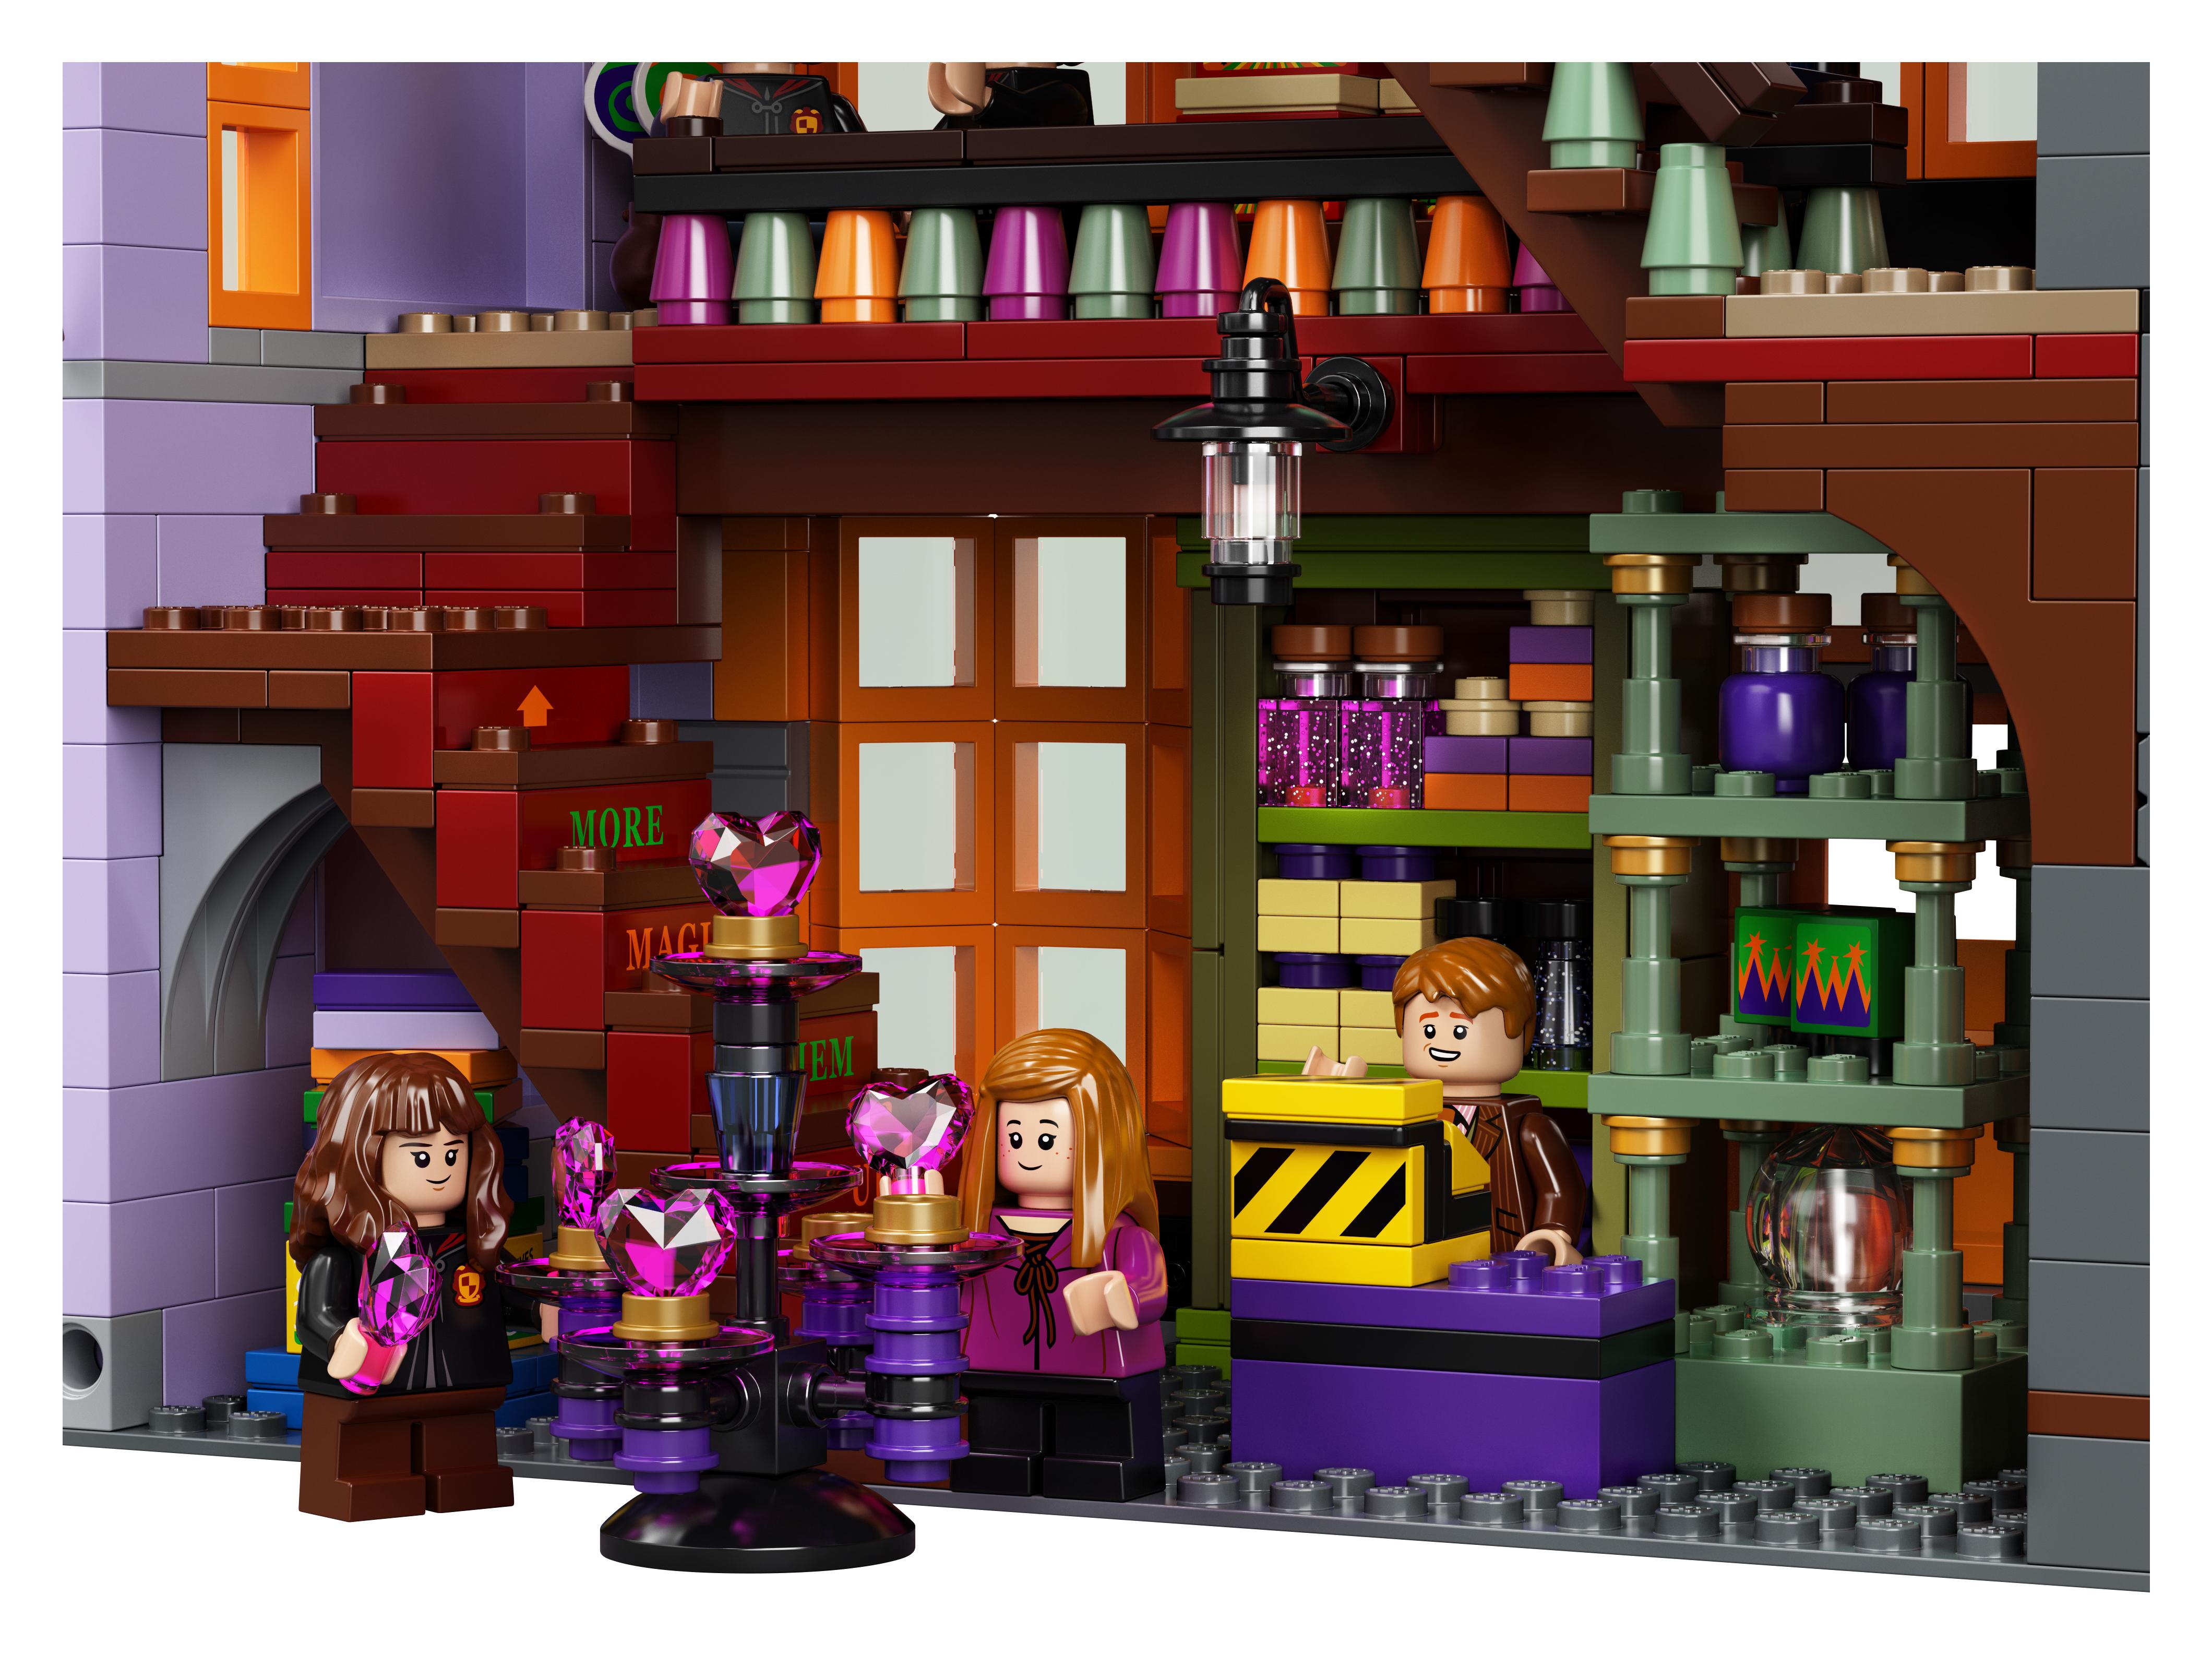 Le Chemin de Traverse en LEGO, version 2020, détail de l'intérieur du magasin Weasley